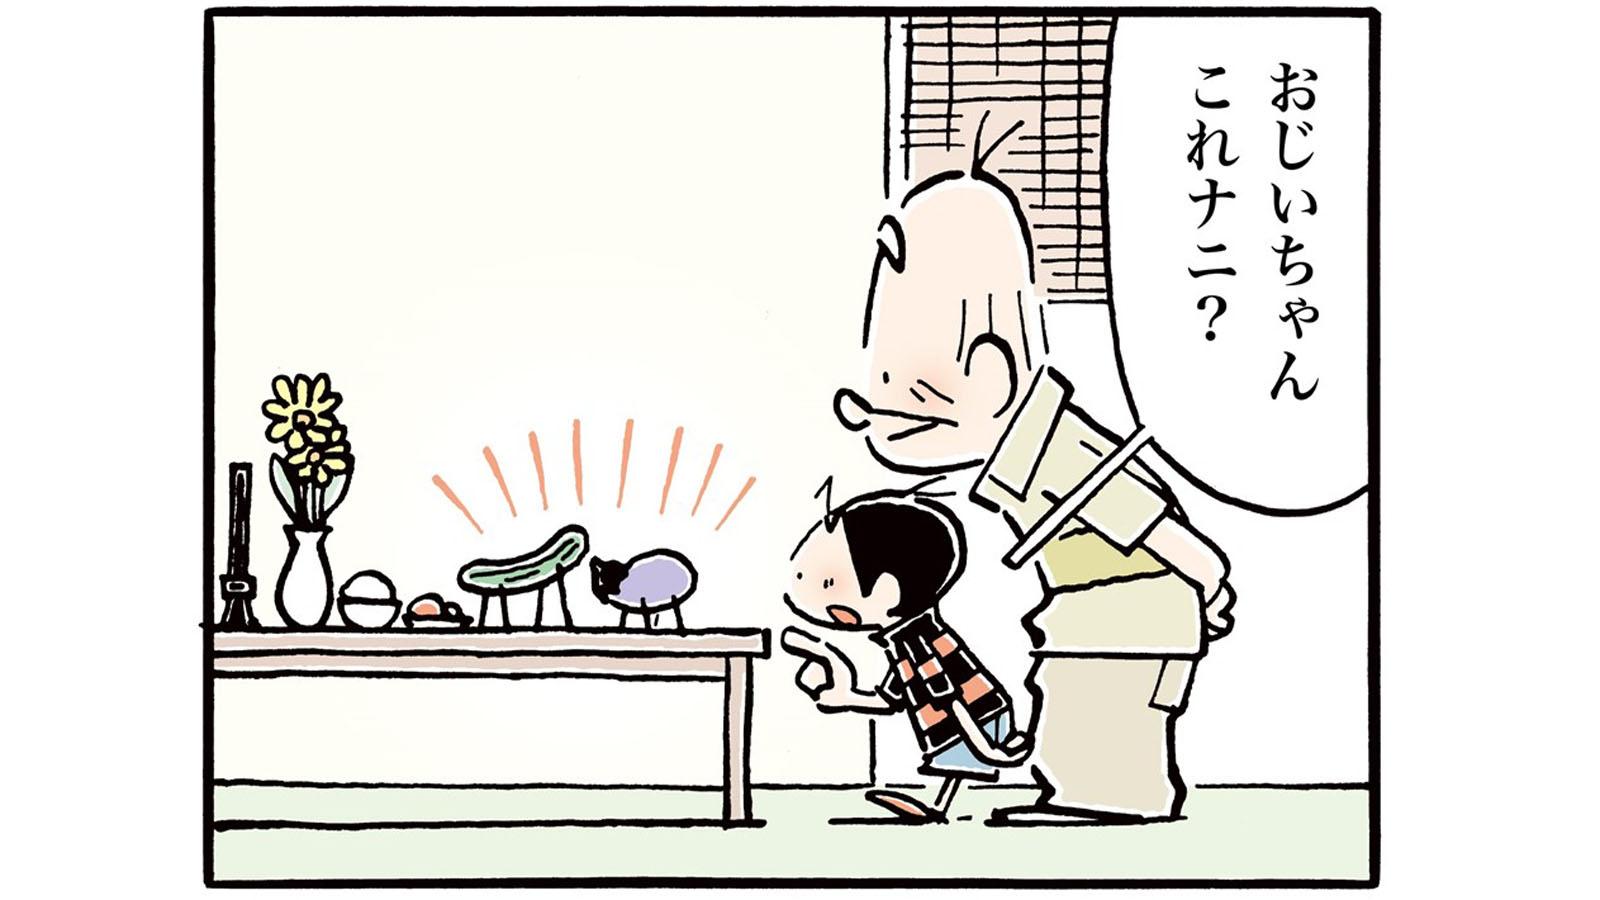 和のくらしとおもちゃの四コママンガ「ソフトマゴ」8月